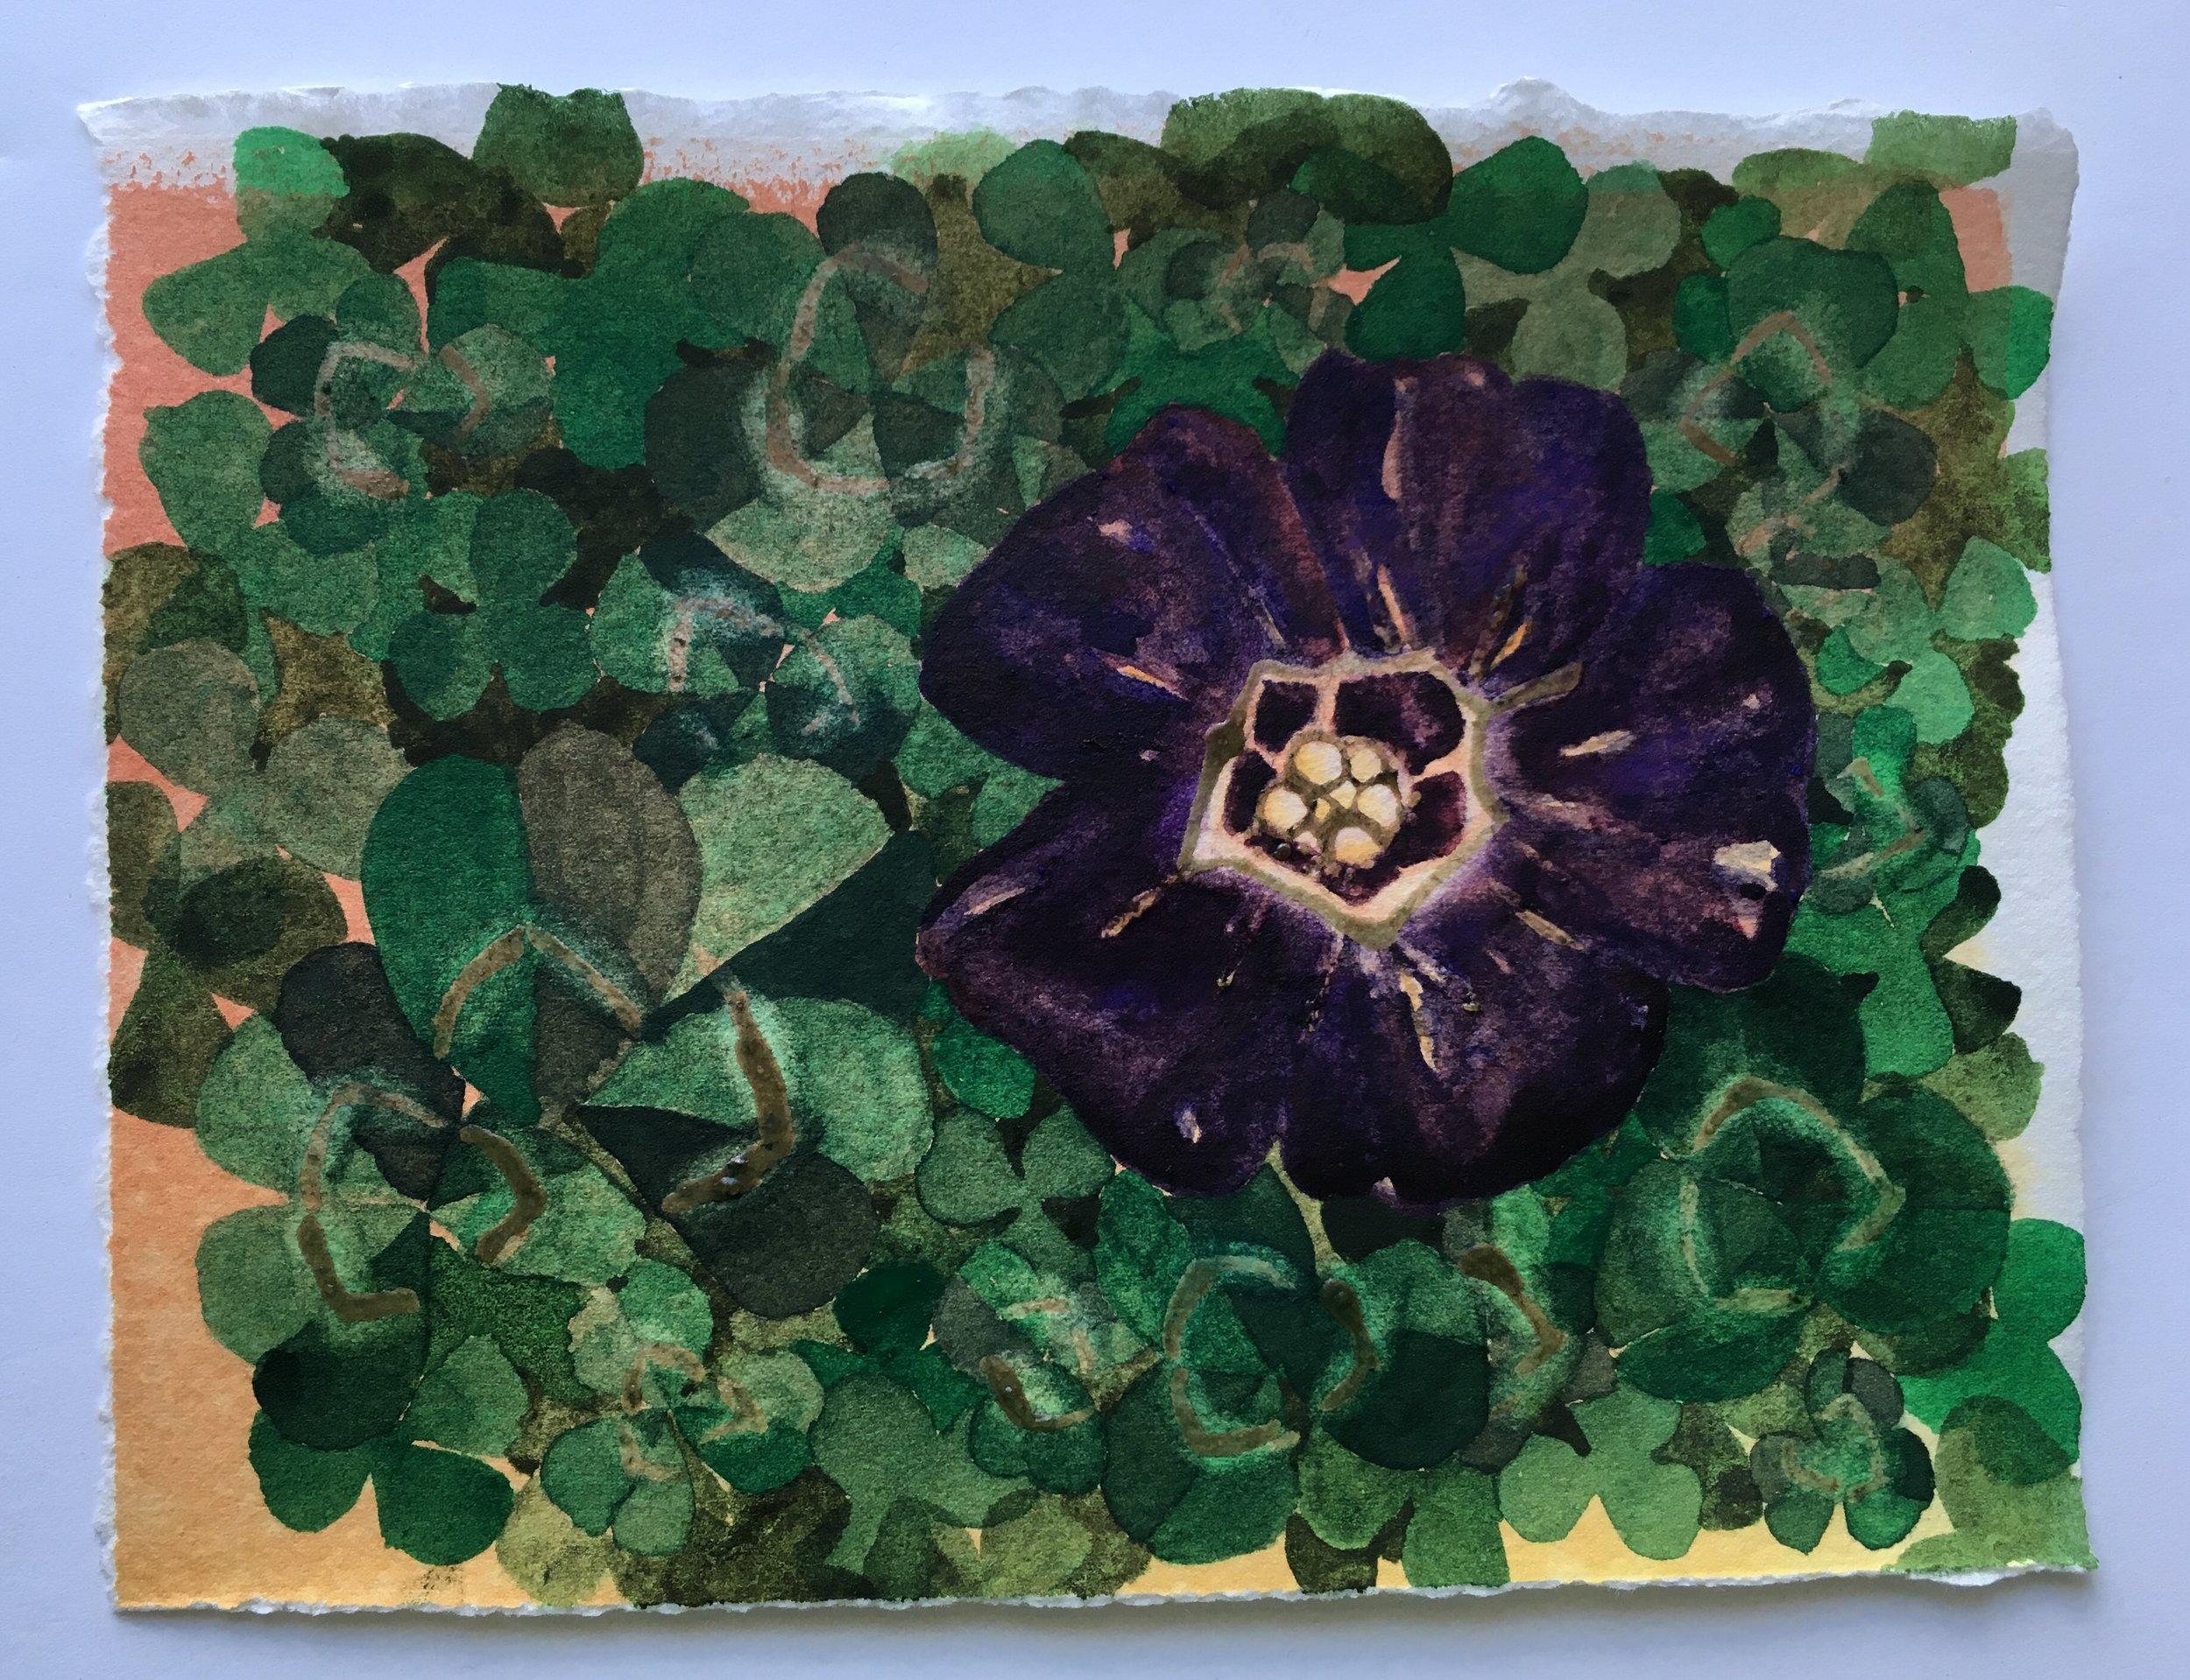 clover in abundance